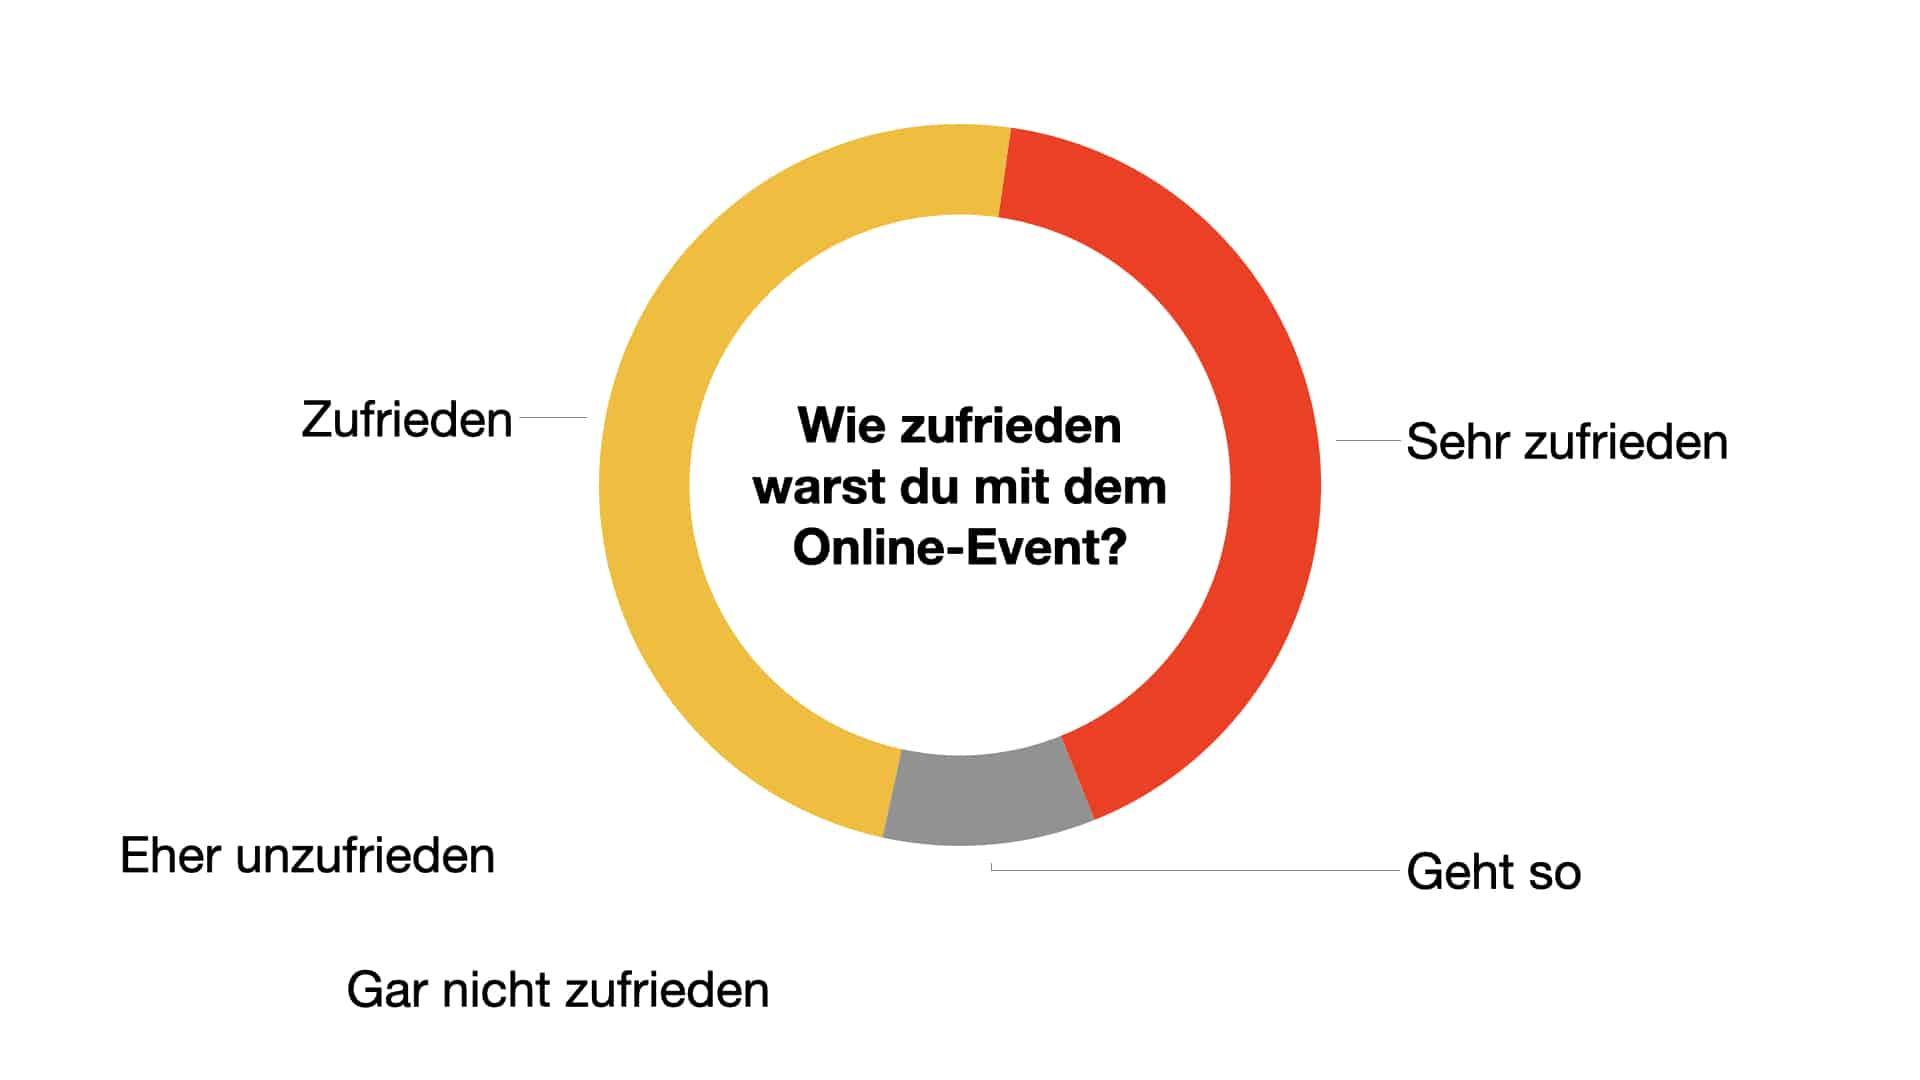 Umfrage: Wie zufrieden warst du mit dem Online-Event?